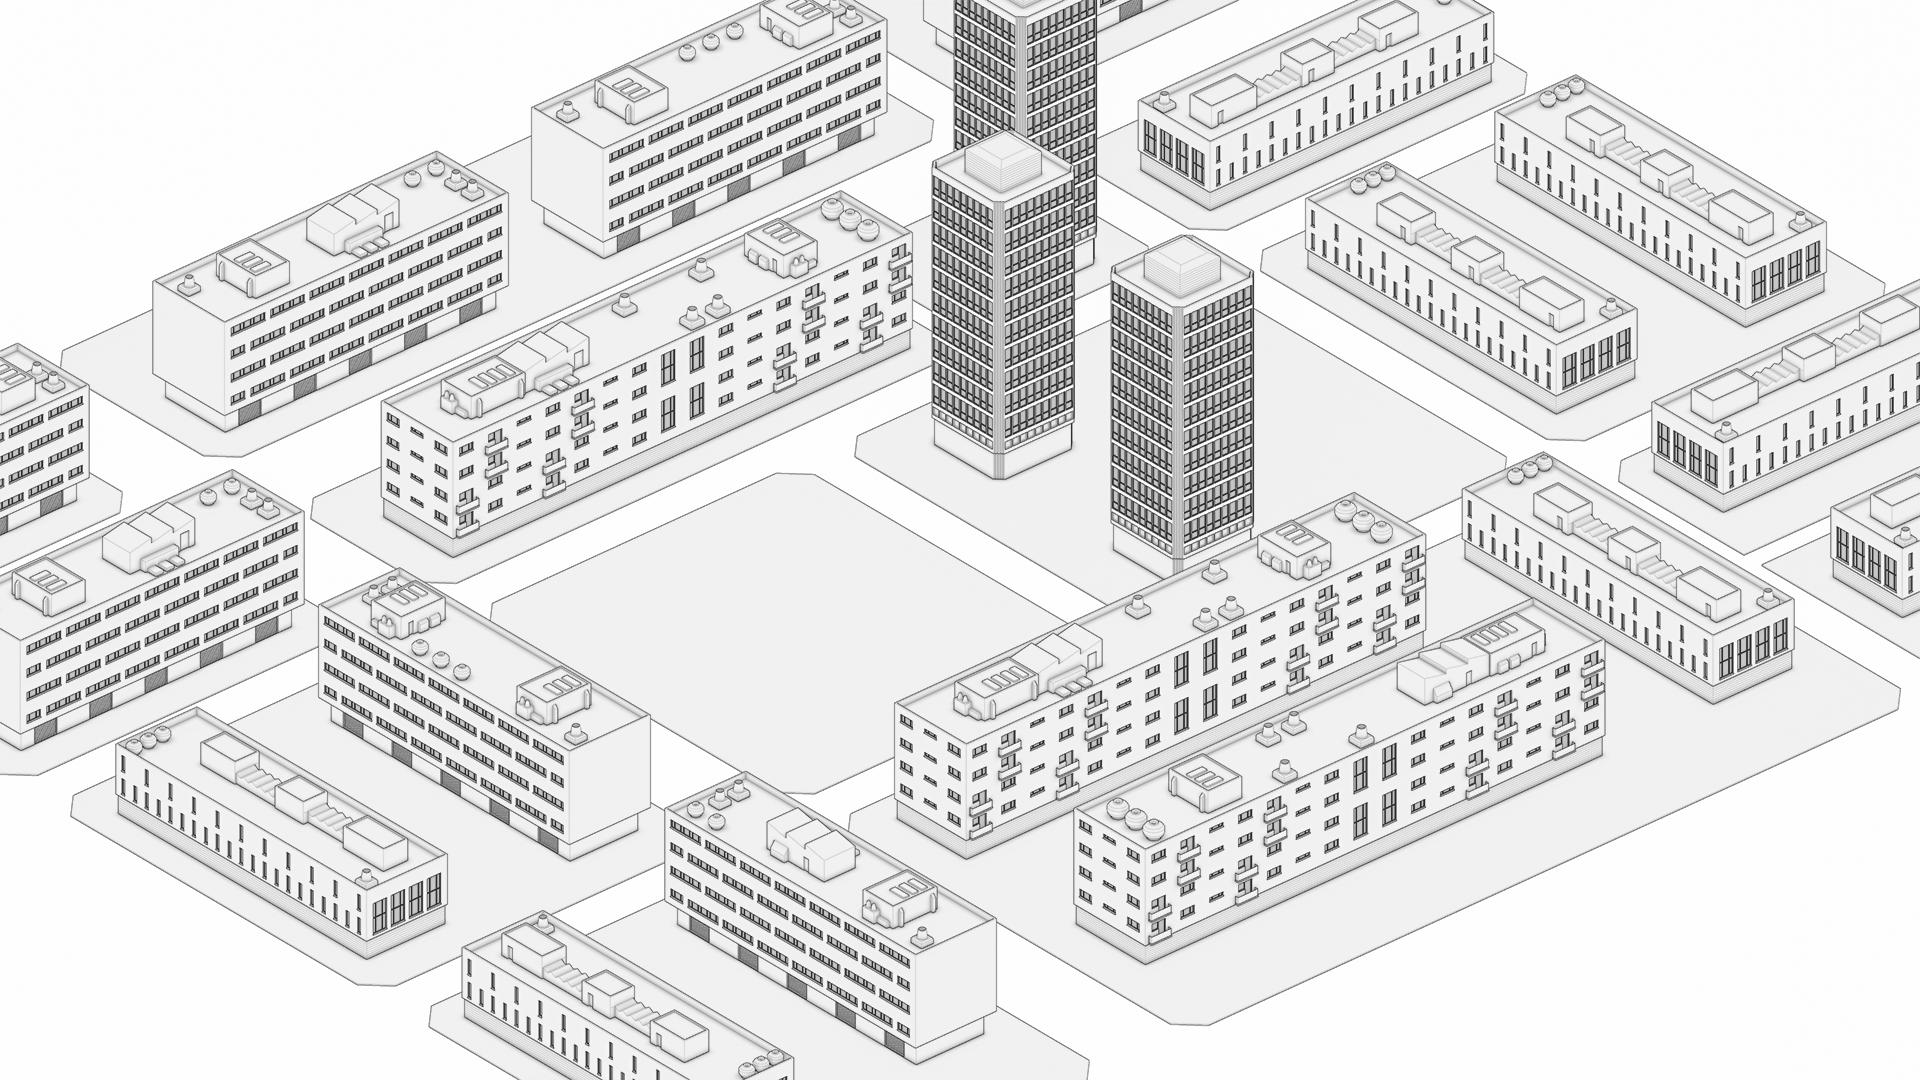 Sketchup Workflow #03: Entorno Urbano